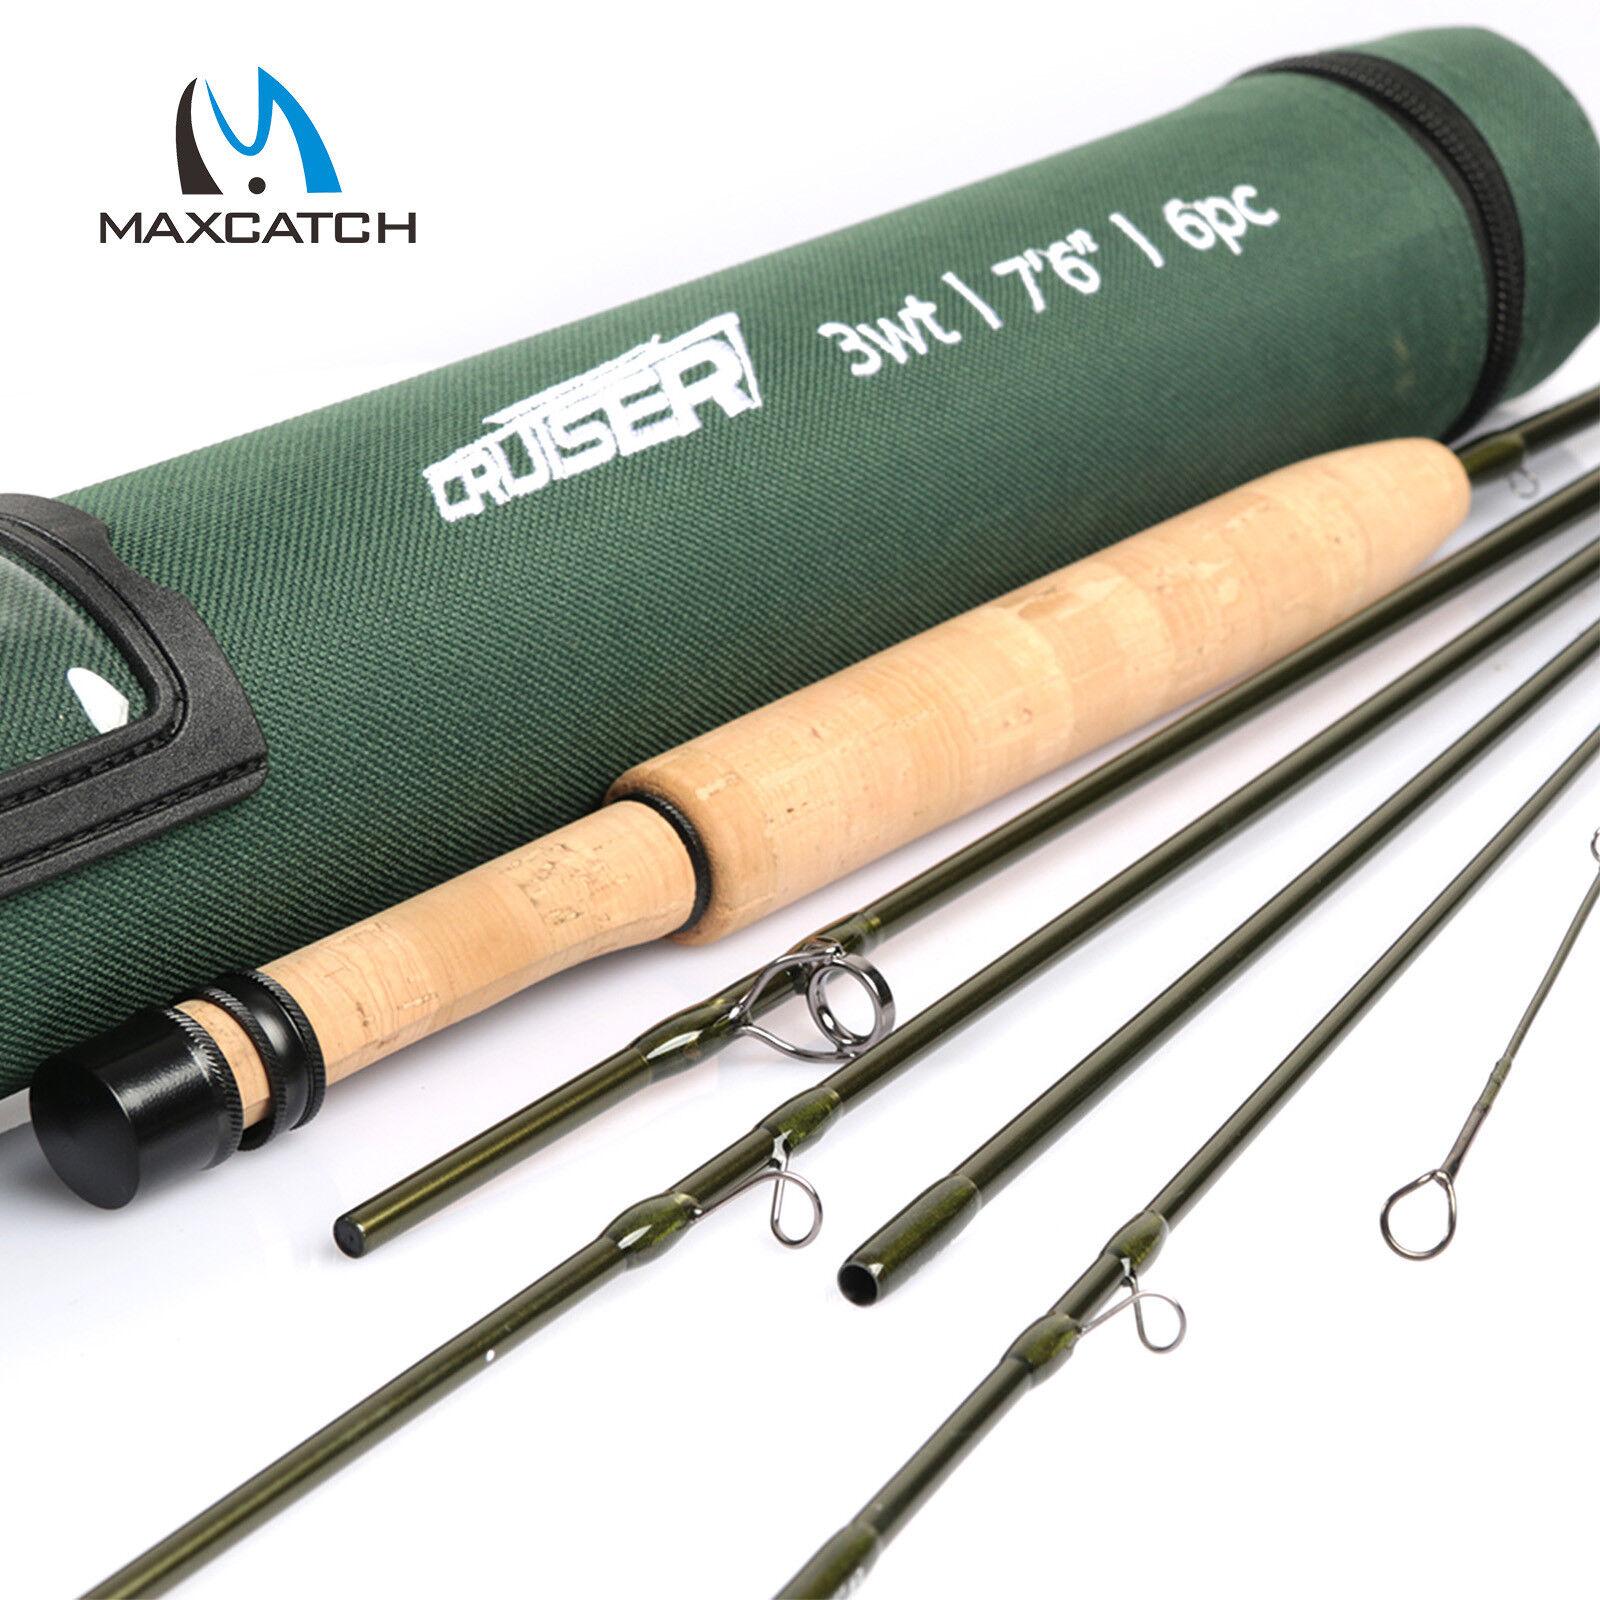 Maxcatch CRUISER Viajes De Pesca Con Mosca  Caña 2 3 4wt 7' 6  7' 8' 6 un. de acción rápida  bajo precio